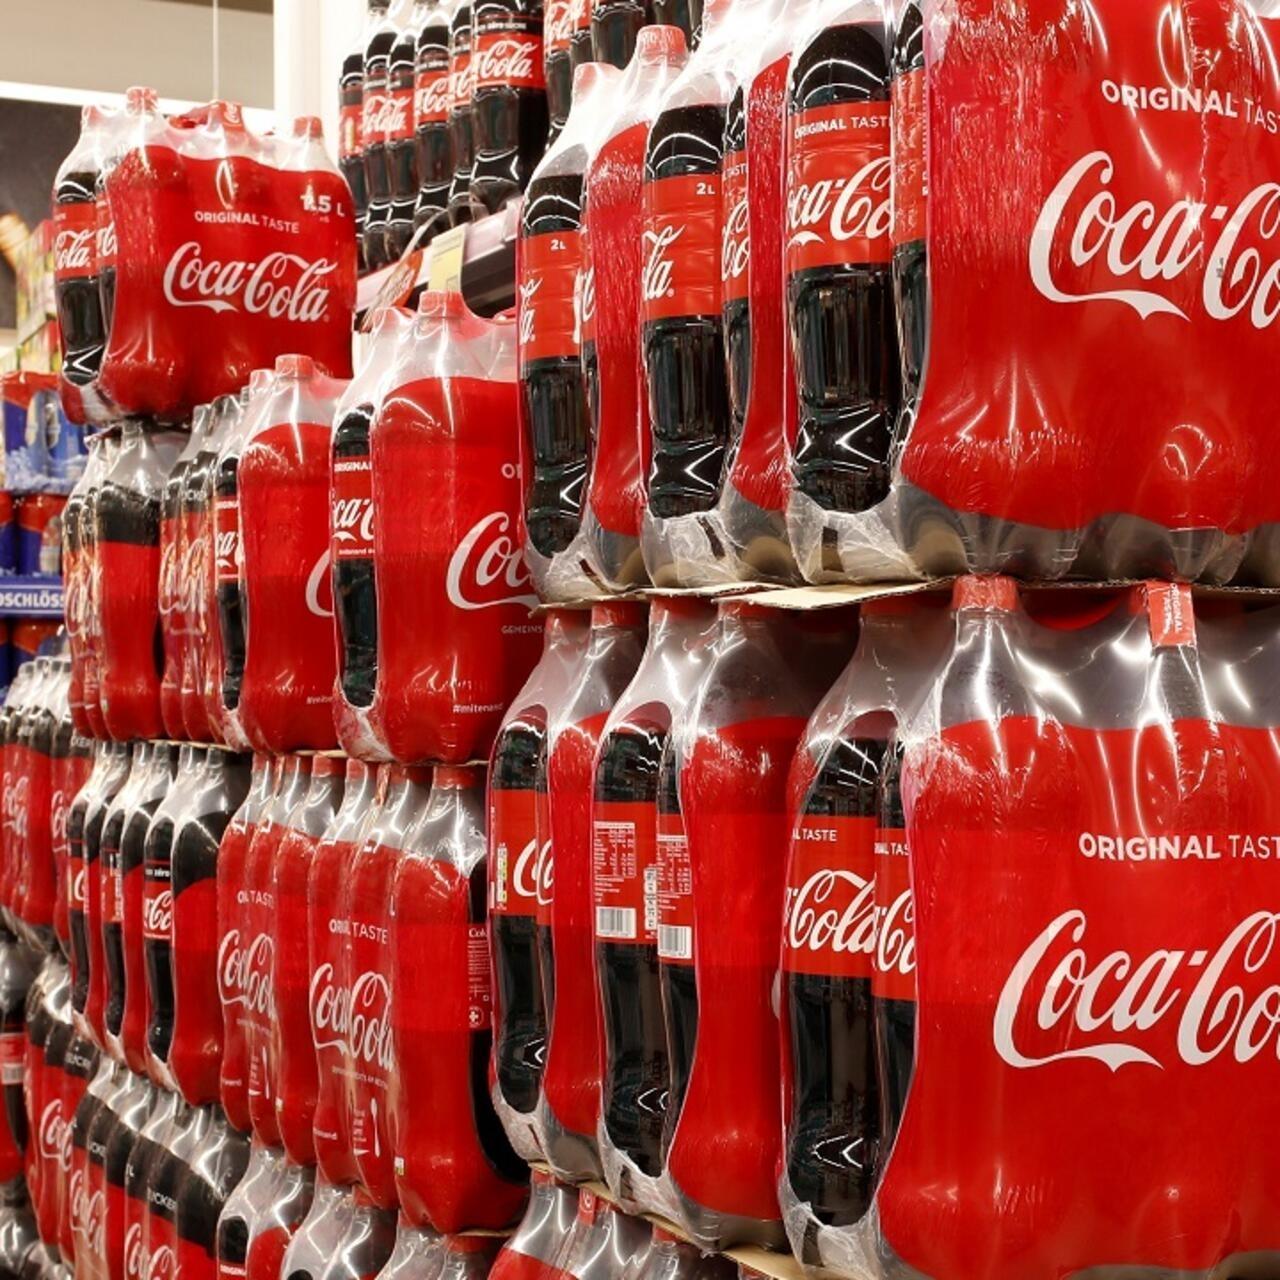 La Pandemia Redujo El Consumo De Coca Cola Que Tuvo El Peor Trimestre En 25 Años Economía